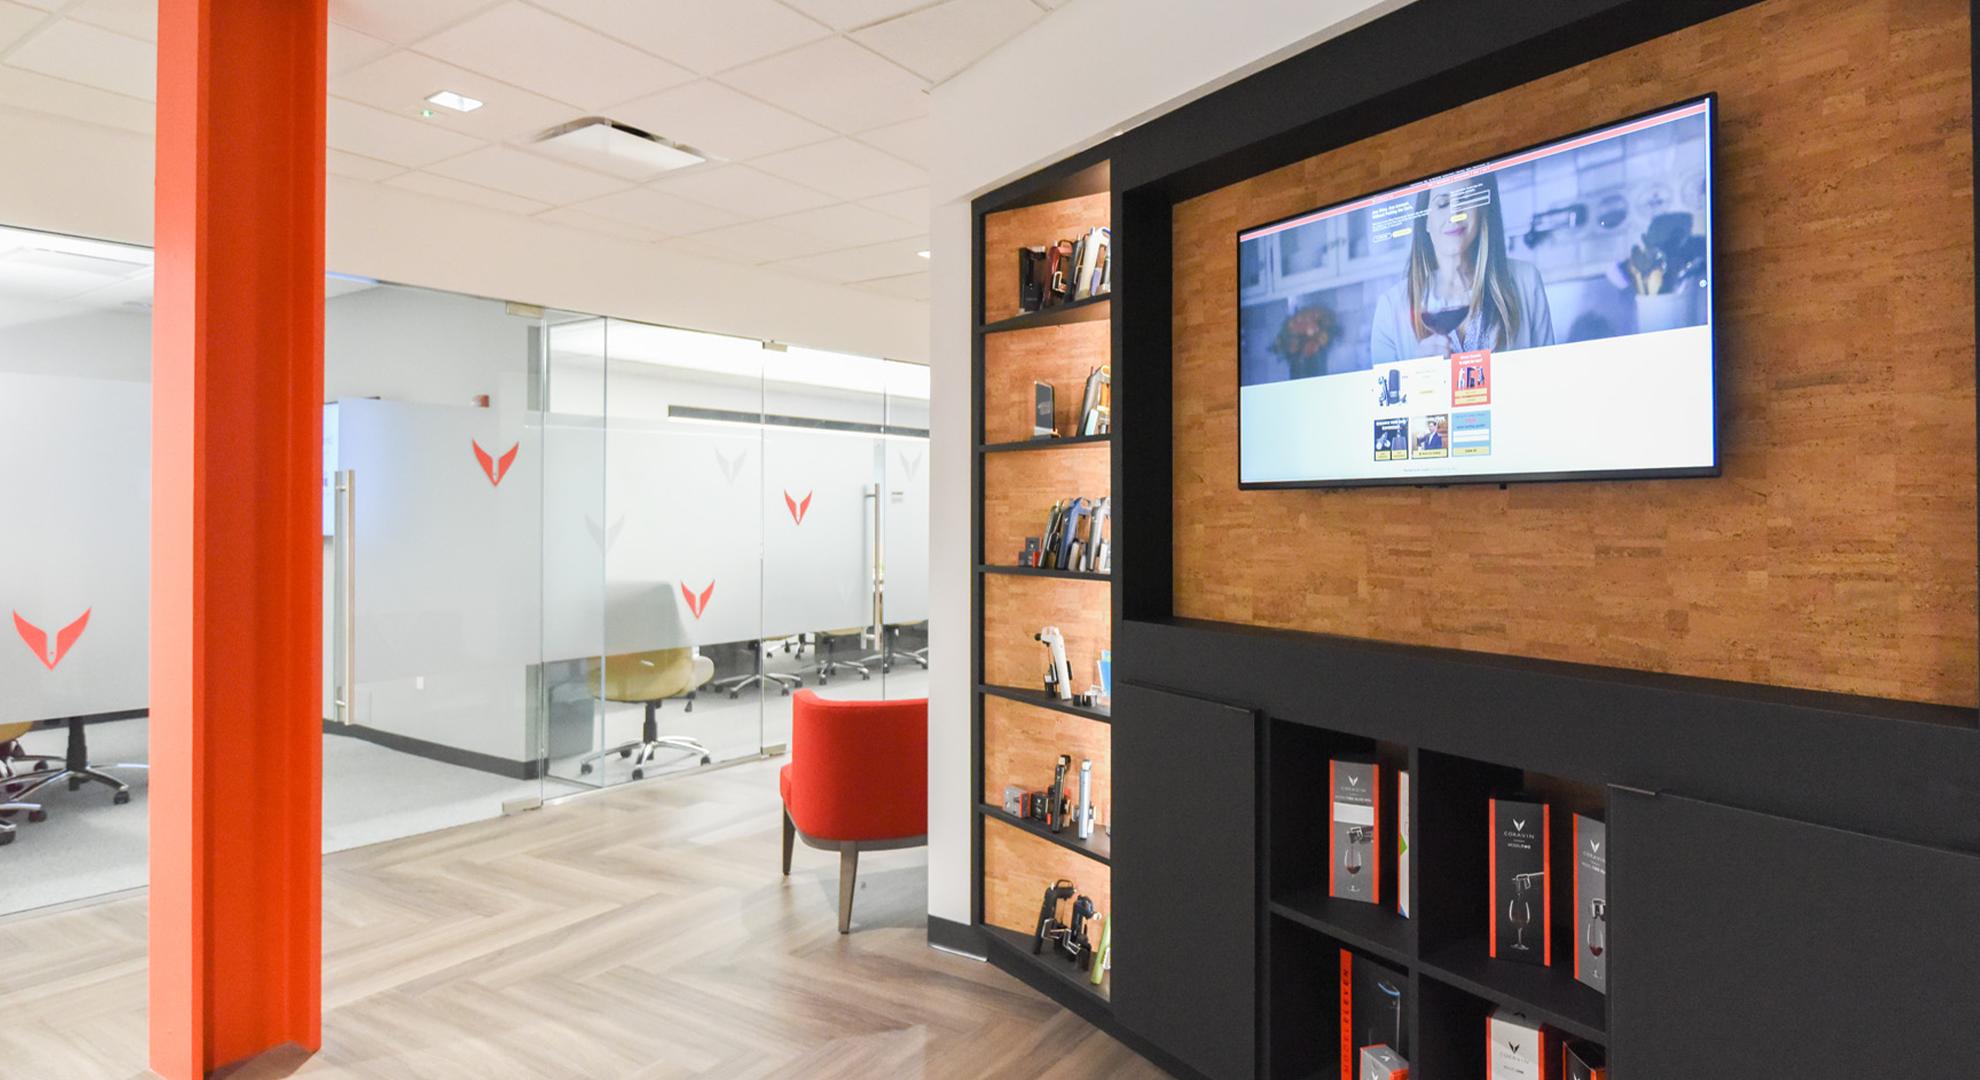 Unternehmensfoyer und Konferenzraum, Vitrine mit Auszeichnungen, Bildschirm am Coravin Hauptsitz